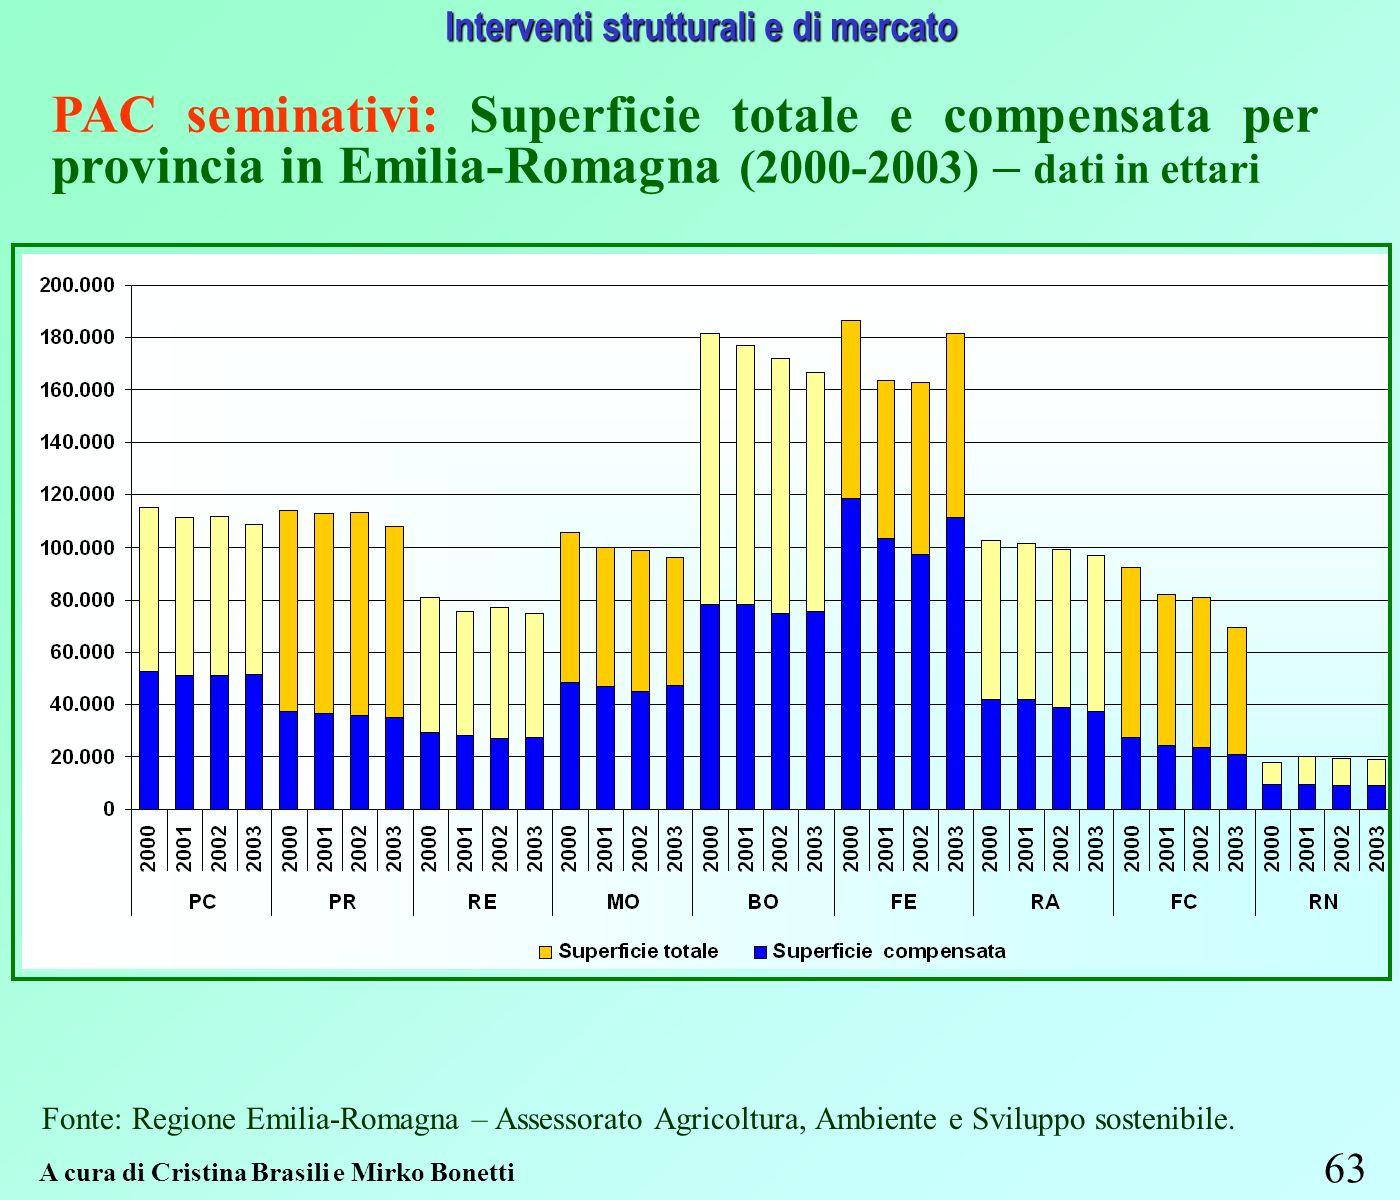 63 Interventi strutturali e di mercato Fonte: Regione Emilia-Romagna – Assessorato Agricoltura, Ambiente e Sviluppo sostenibile.